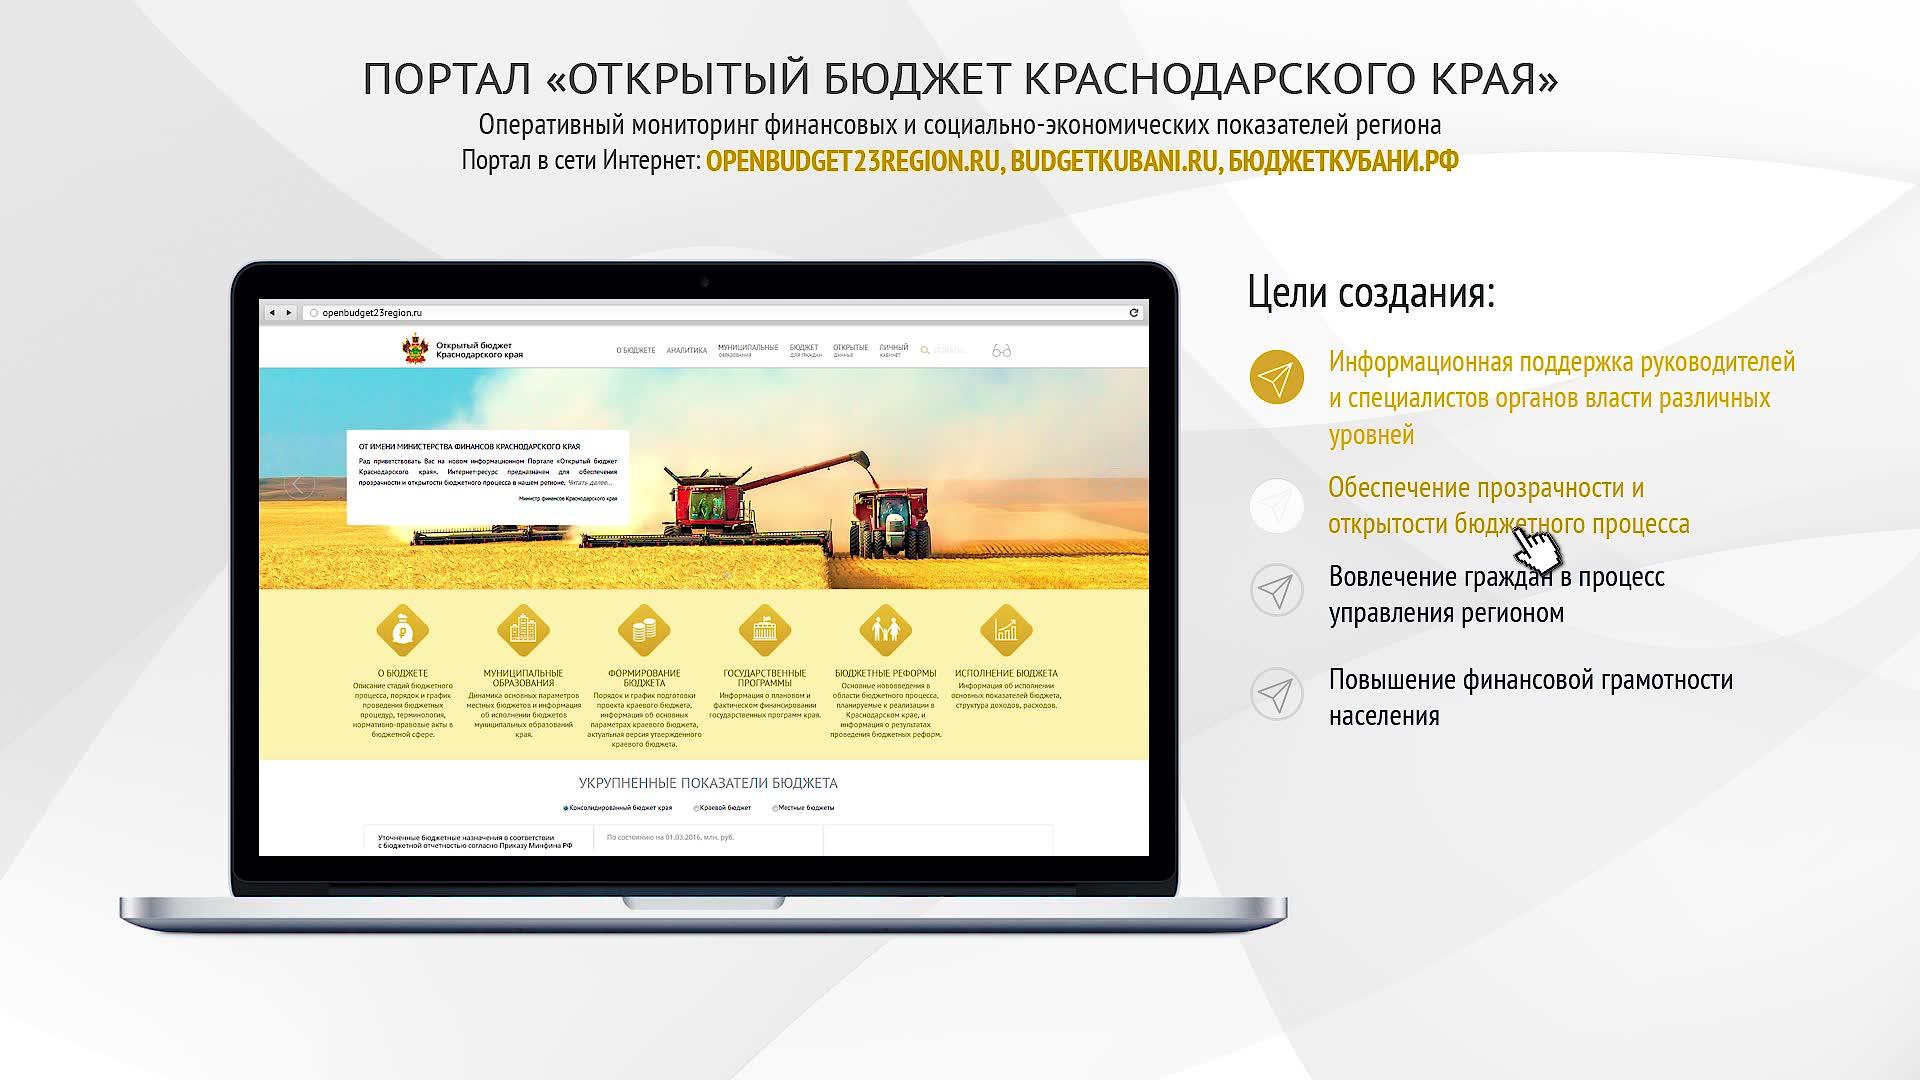 Портал Открытый бюджет Краснодарского края